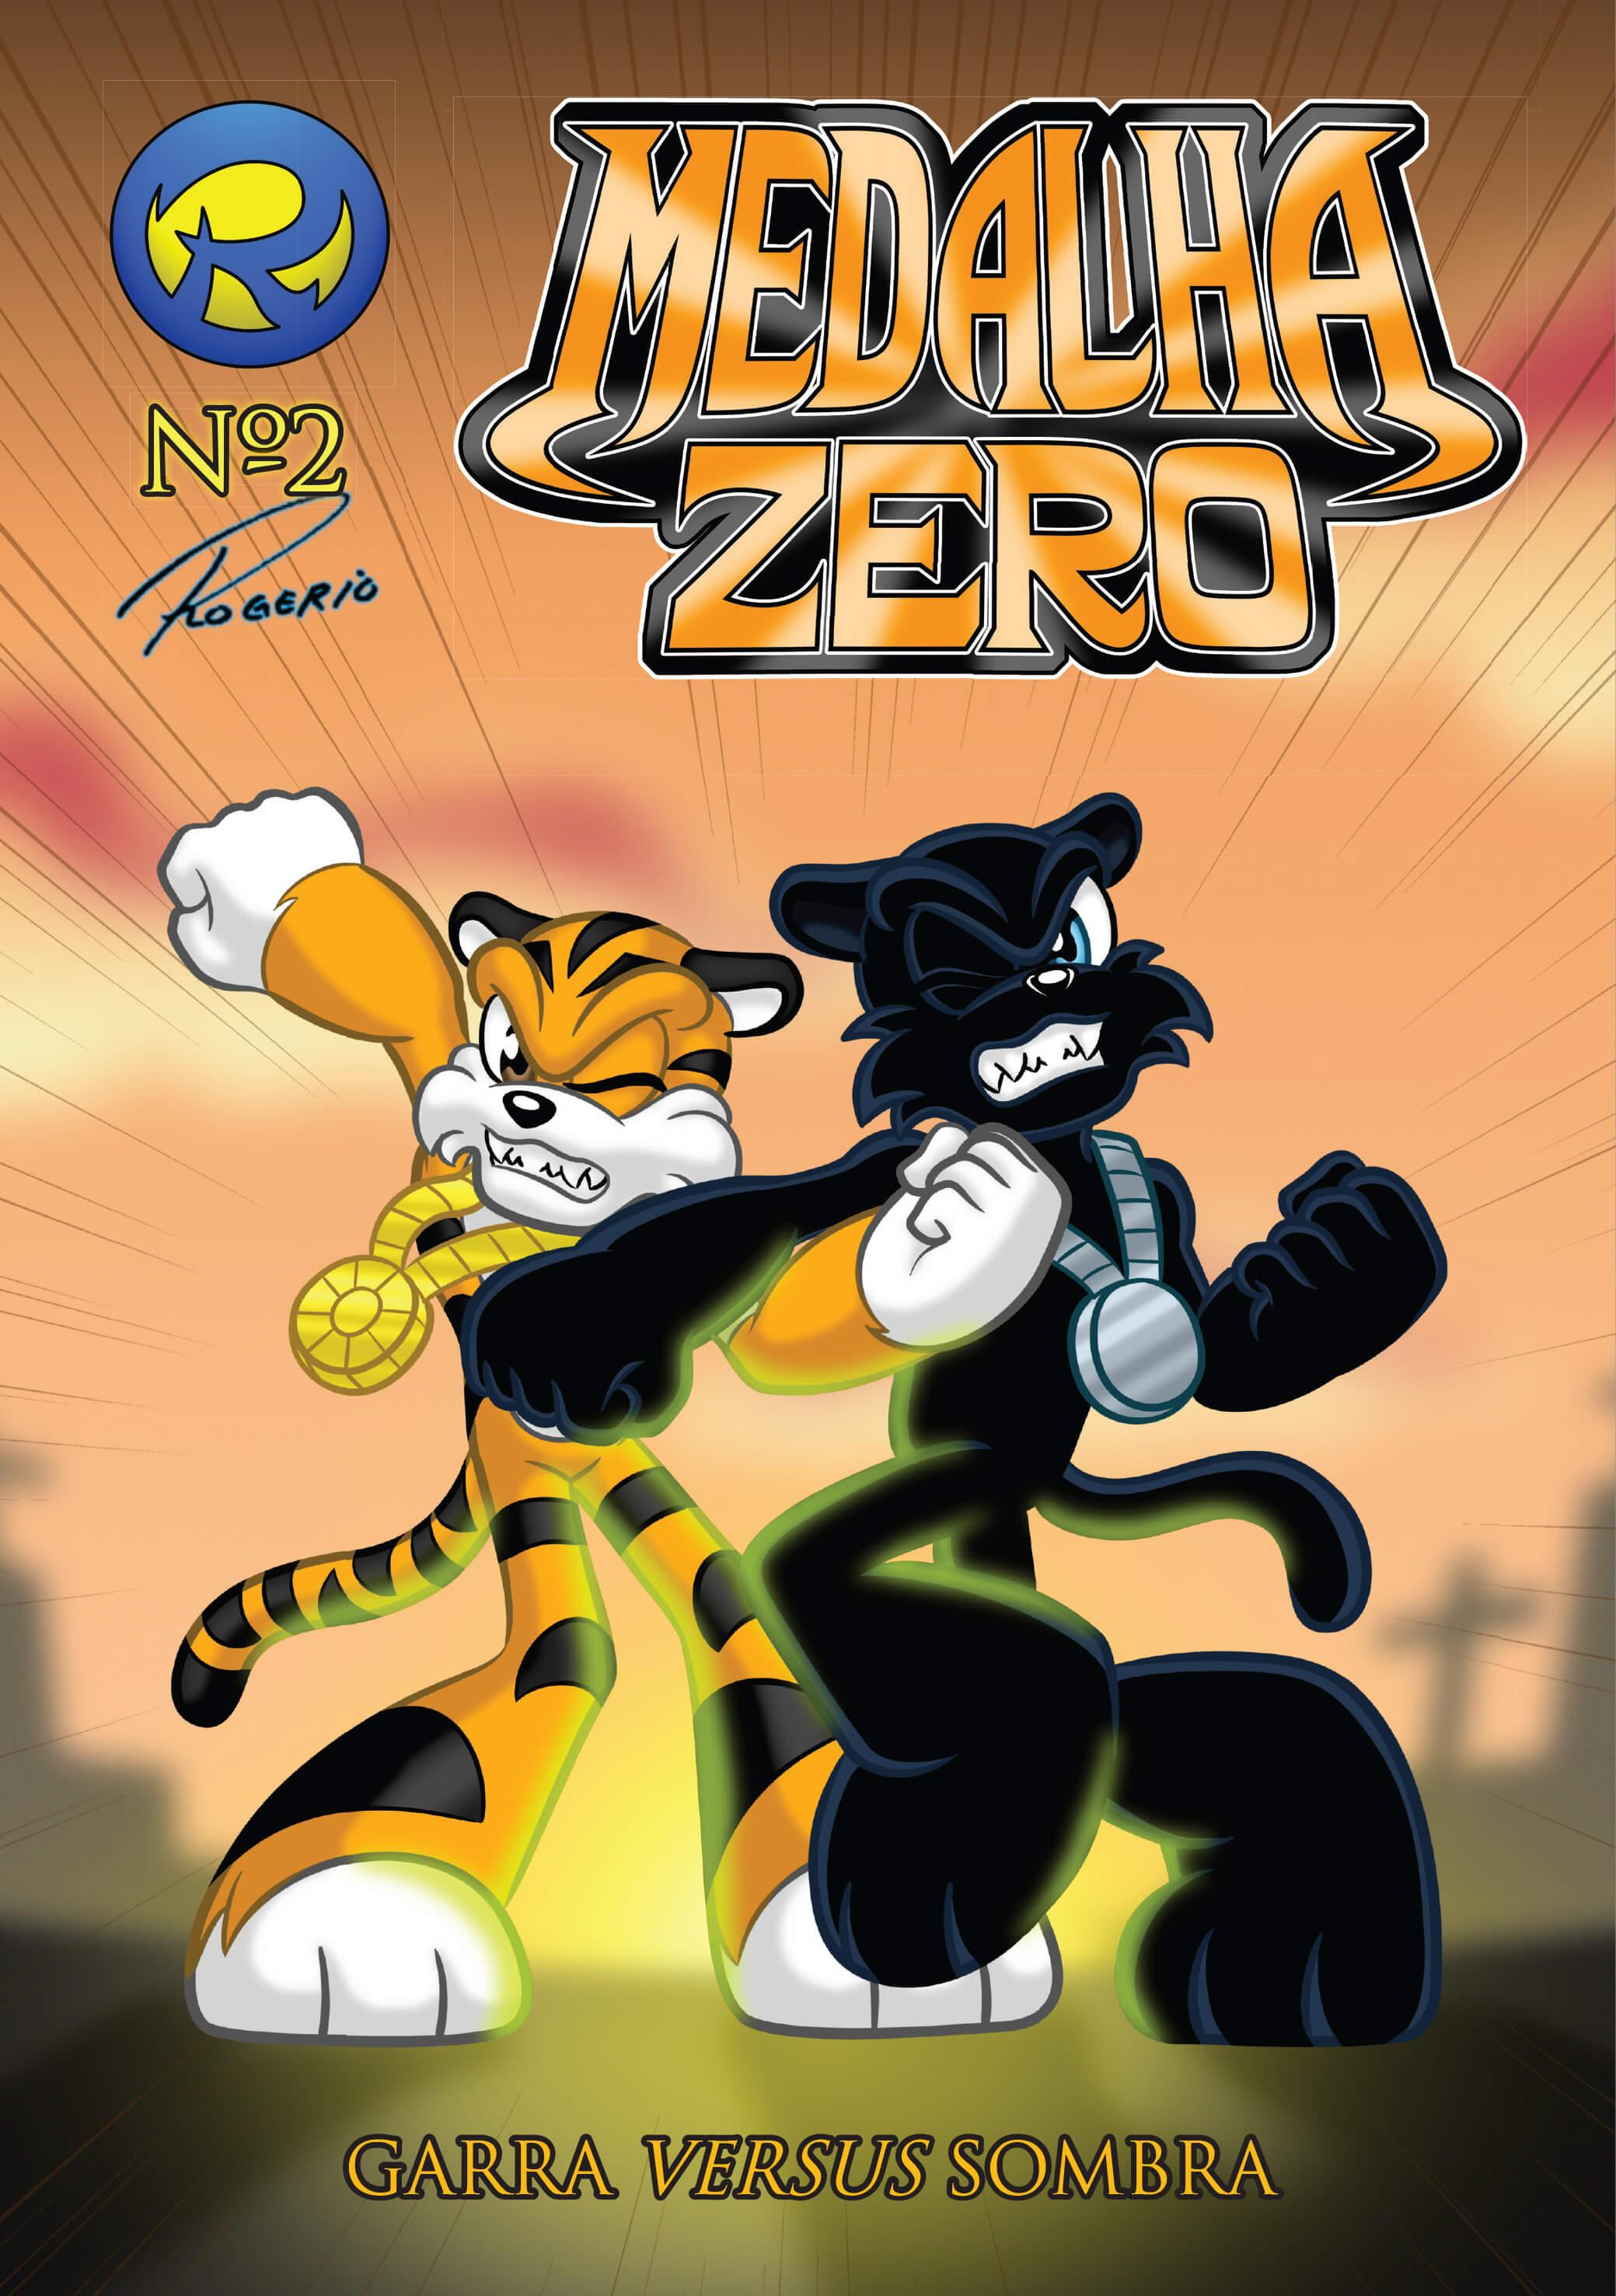 No segundo episódio da série Medalha Zero, Sombra é enviado por Dr. Mente para fazer o trabalho que Garra falhou em fazer na edição anterior. Ainda sem memória, Garra se empolga com revistas em quadrinhos de heróis e decide proteger sua amada lutando contra o novo inimigo revelando algumas coisas sobre seu passado.